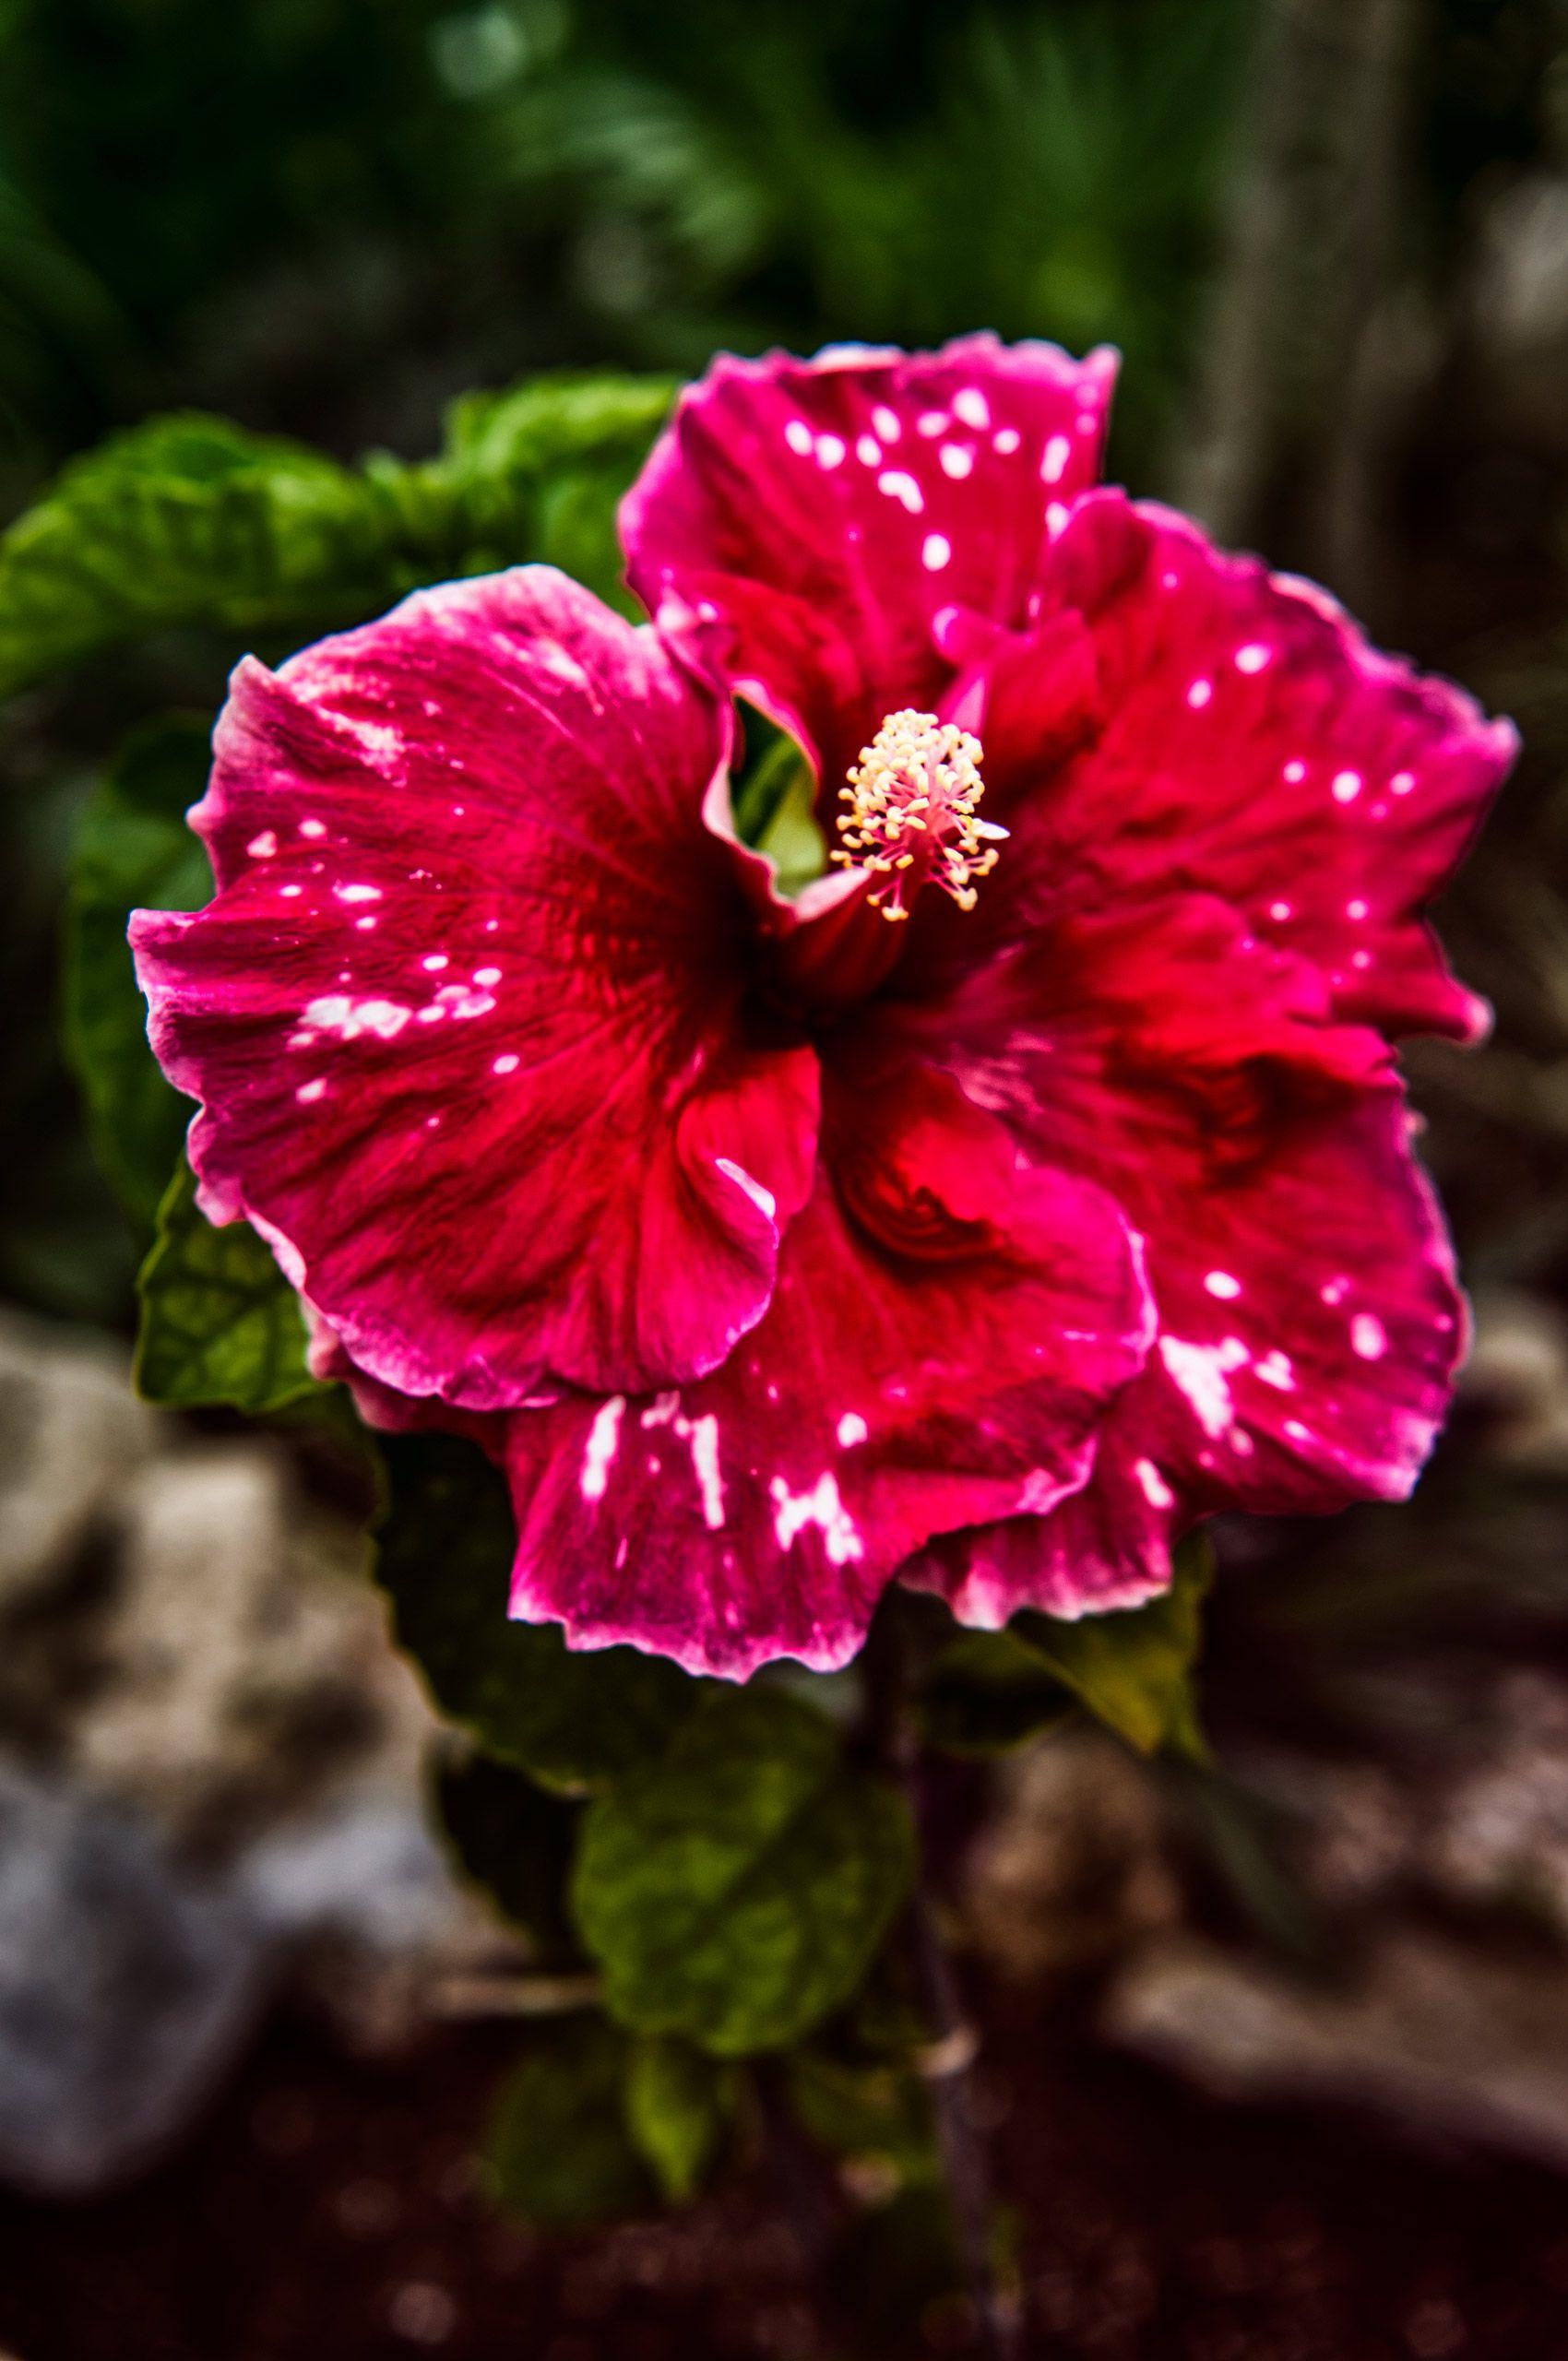 Flower-Red-Pistil-HenrikOlundPhotography.jpg